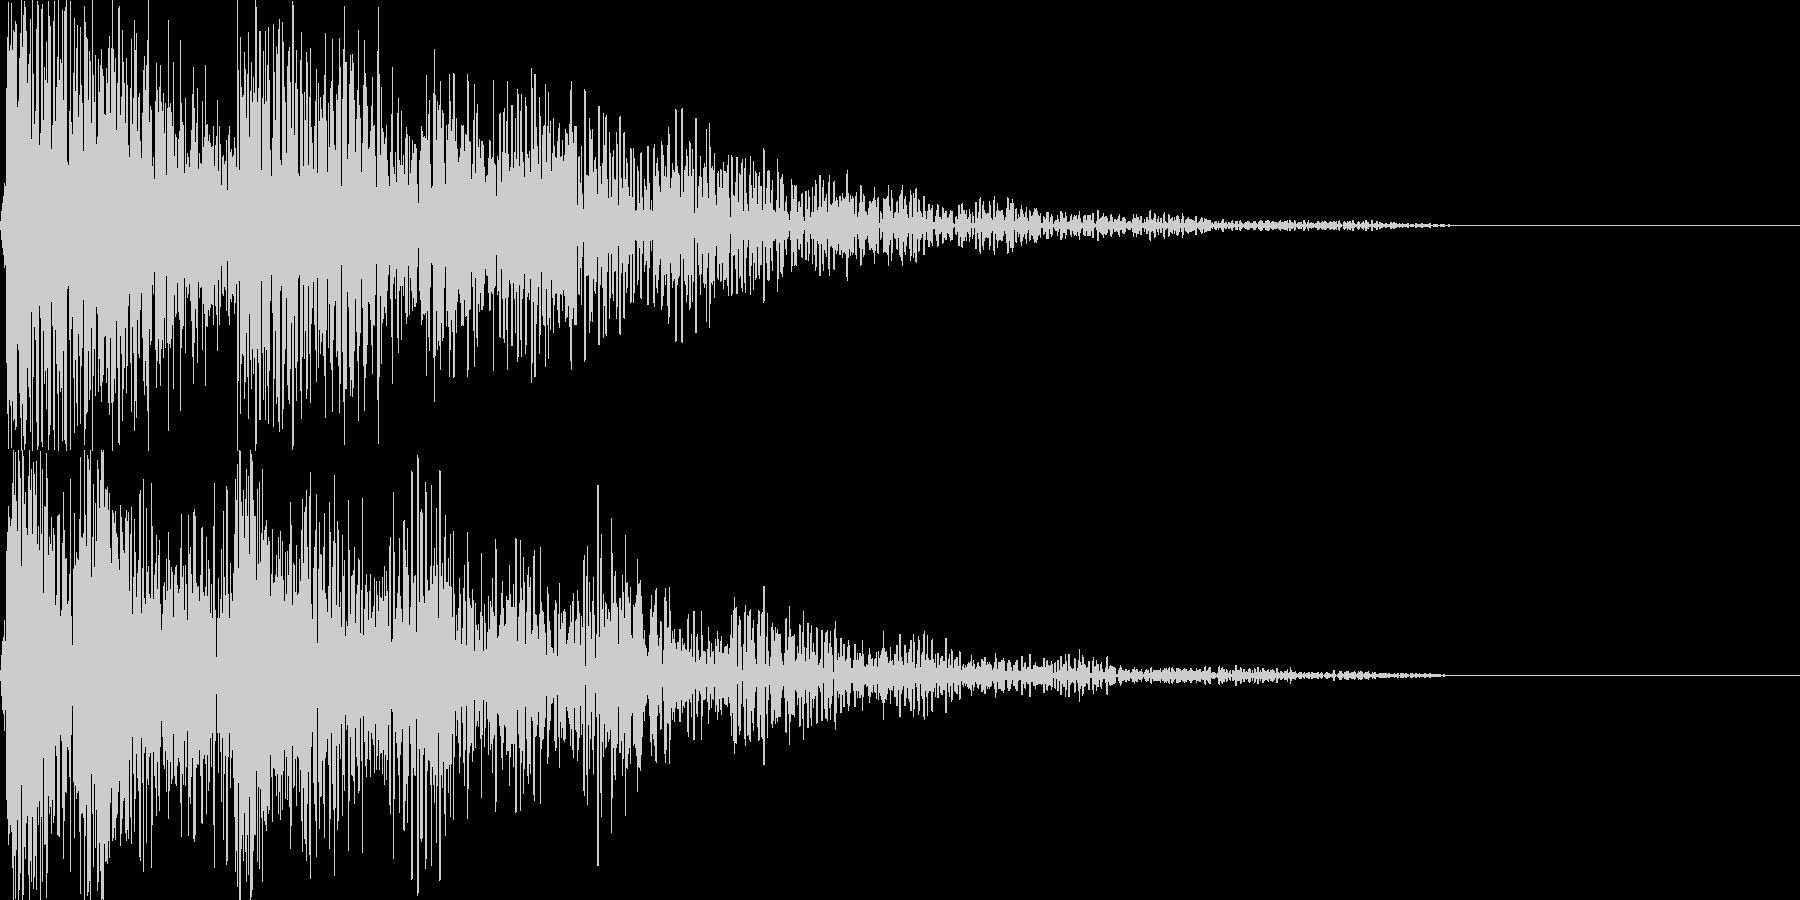 デデッドン セレクト音アプリ・ゲーム等にの未再生の波形